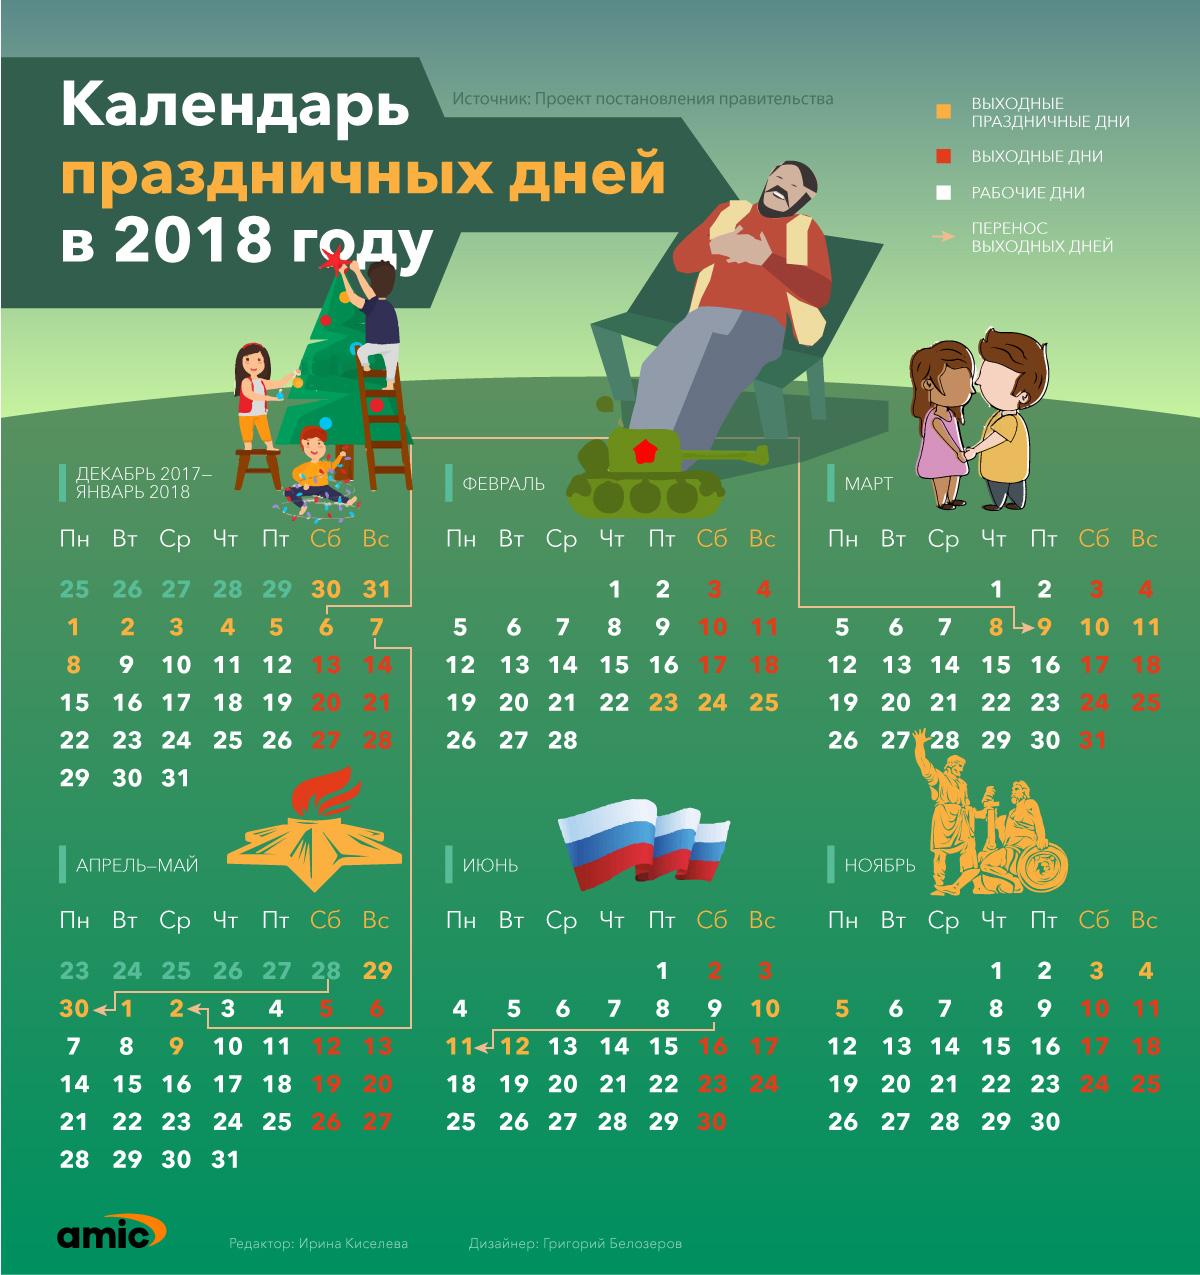 Куда поехать в 2018 году в россии